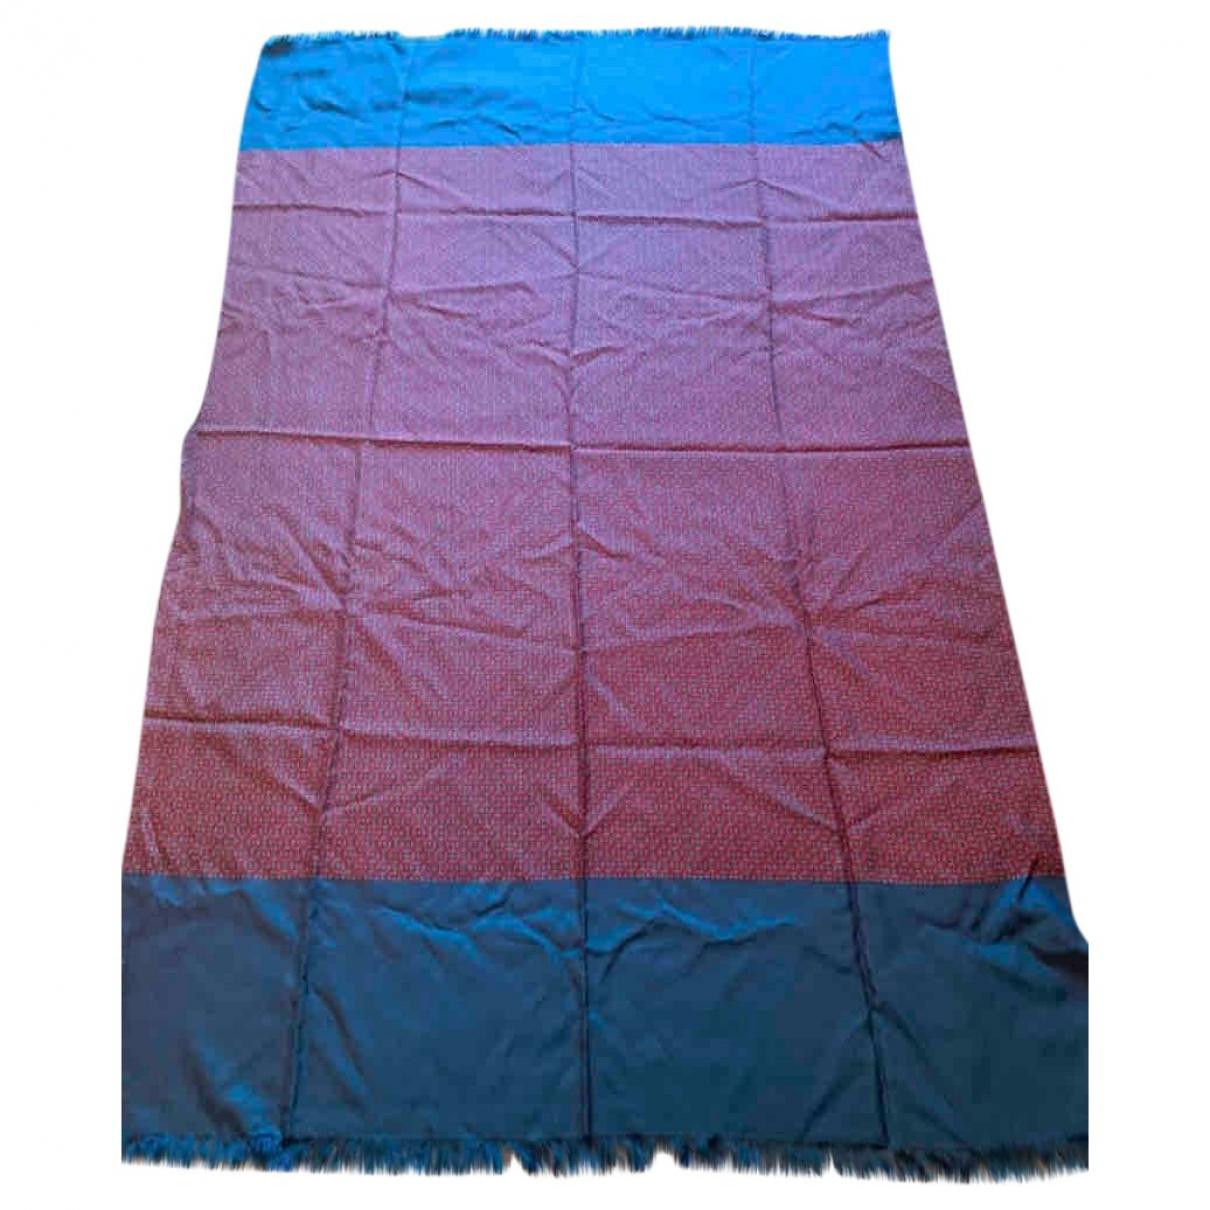 Hermes - Cheches.Echarpes   pour homme en soie - bleu